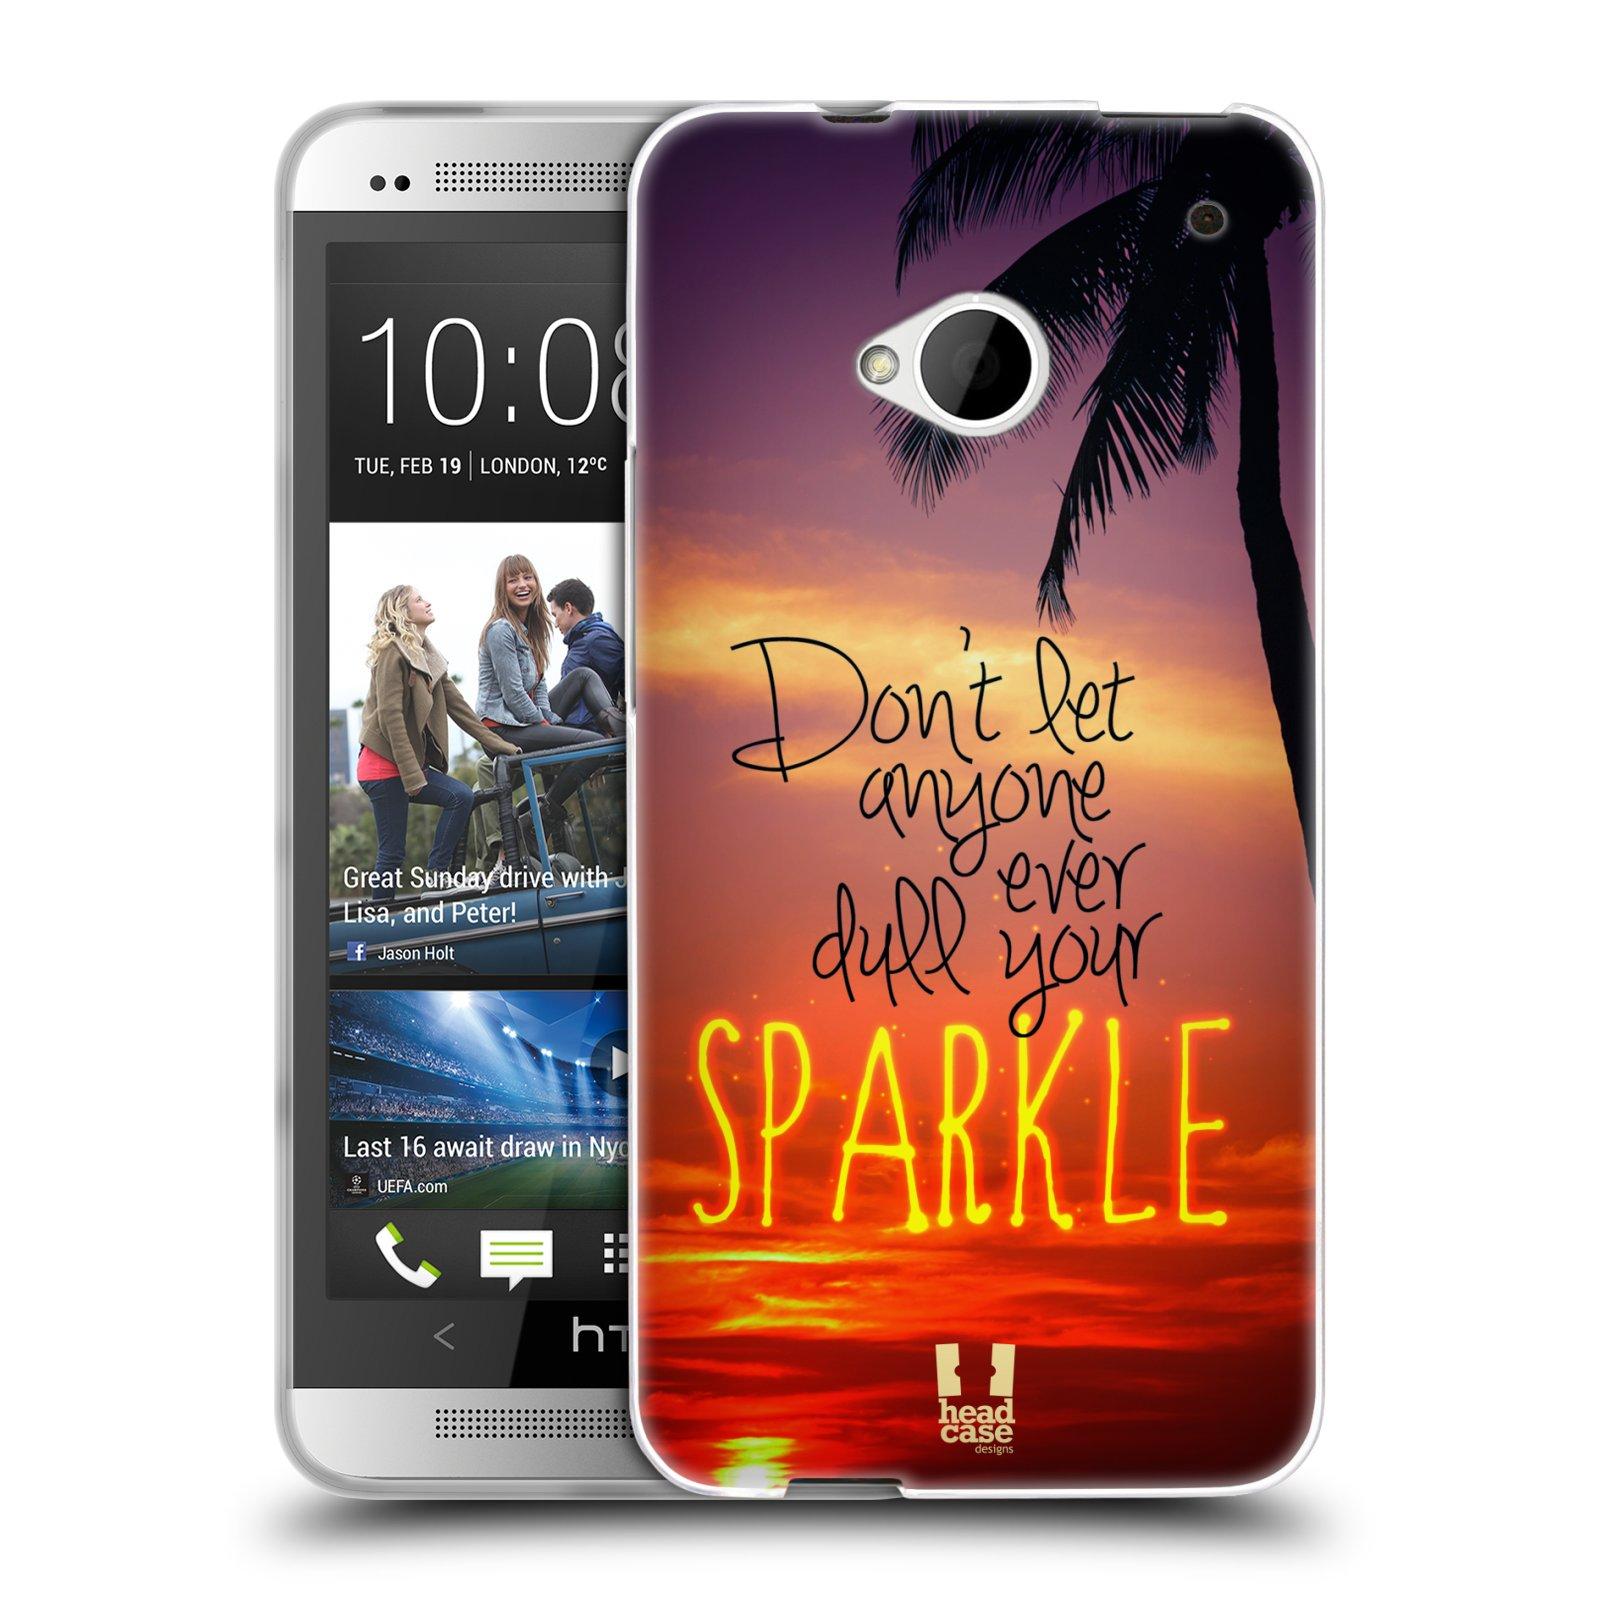 Silikonové pouzdro na mobil HTC ONE M7 HEAD CASE SPARKLE (Silikonový kryt či obal na mobilní telefon HTC ONE M7)